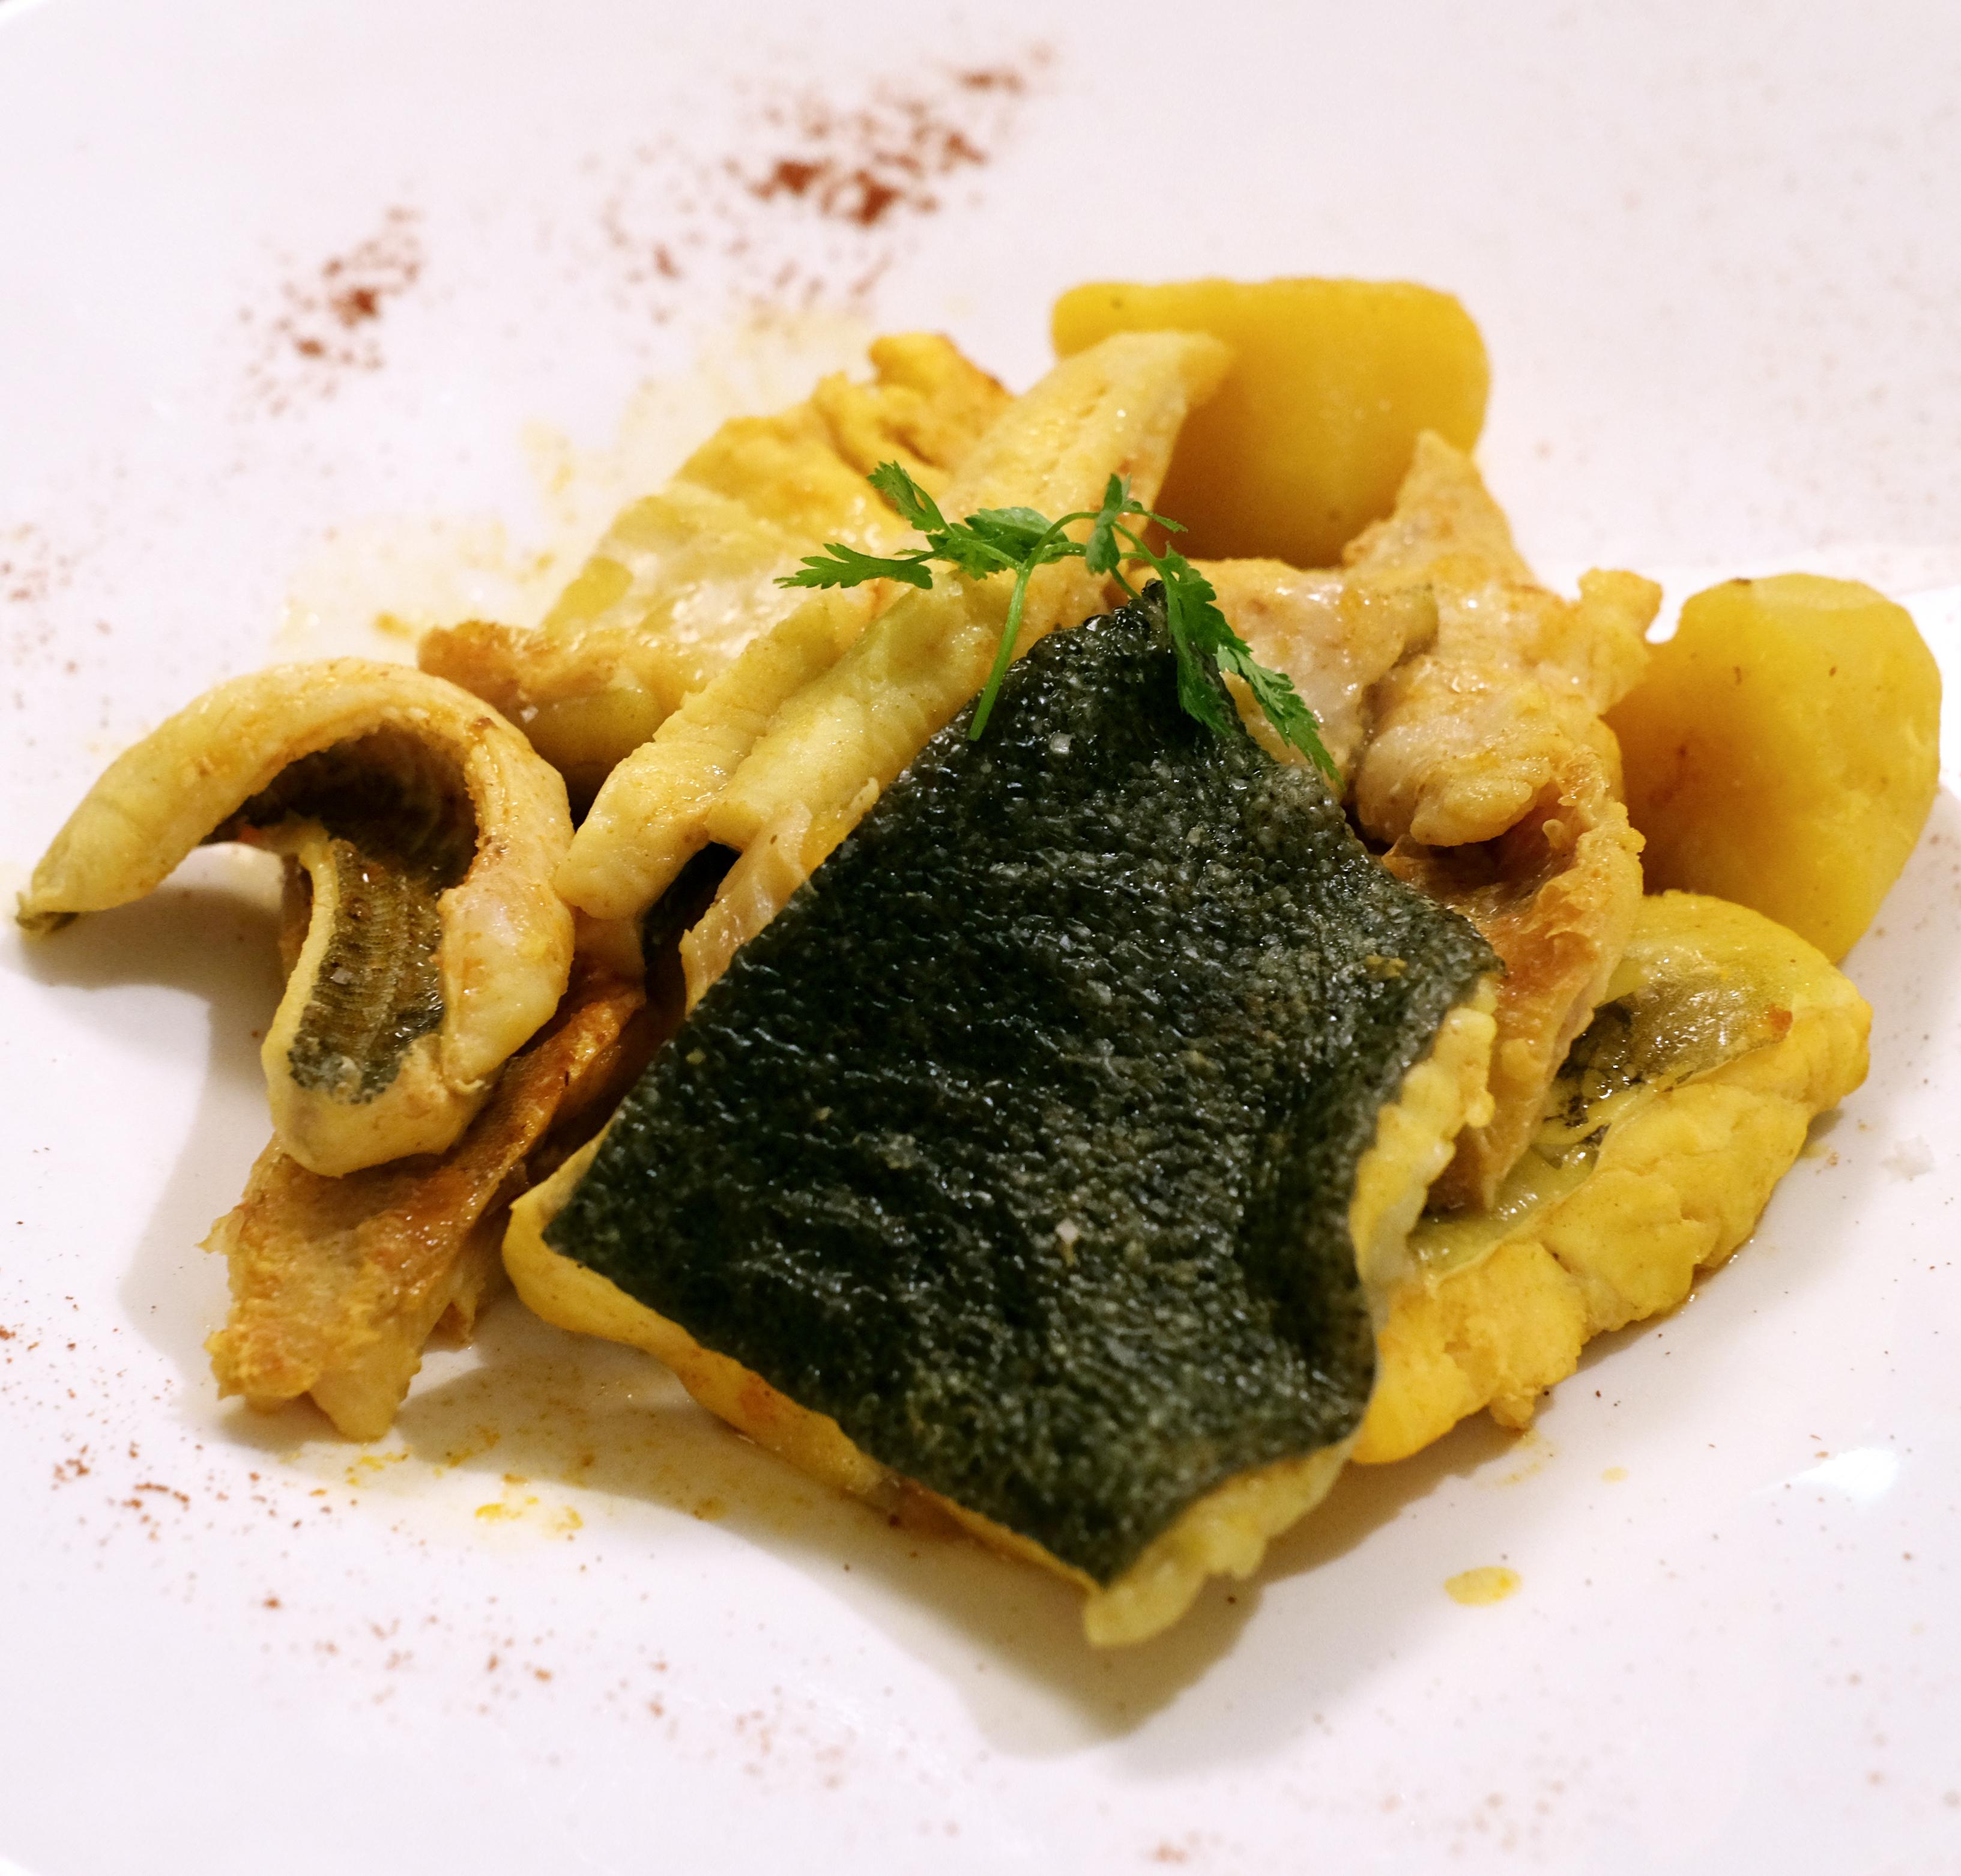 Bouillabaisse served at Chez Fonfon.